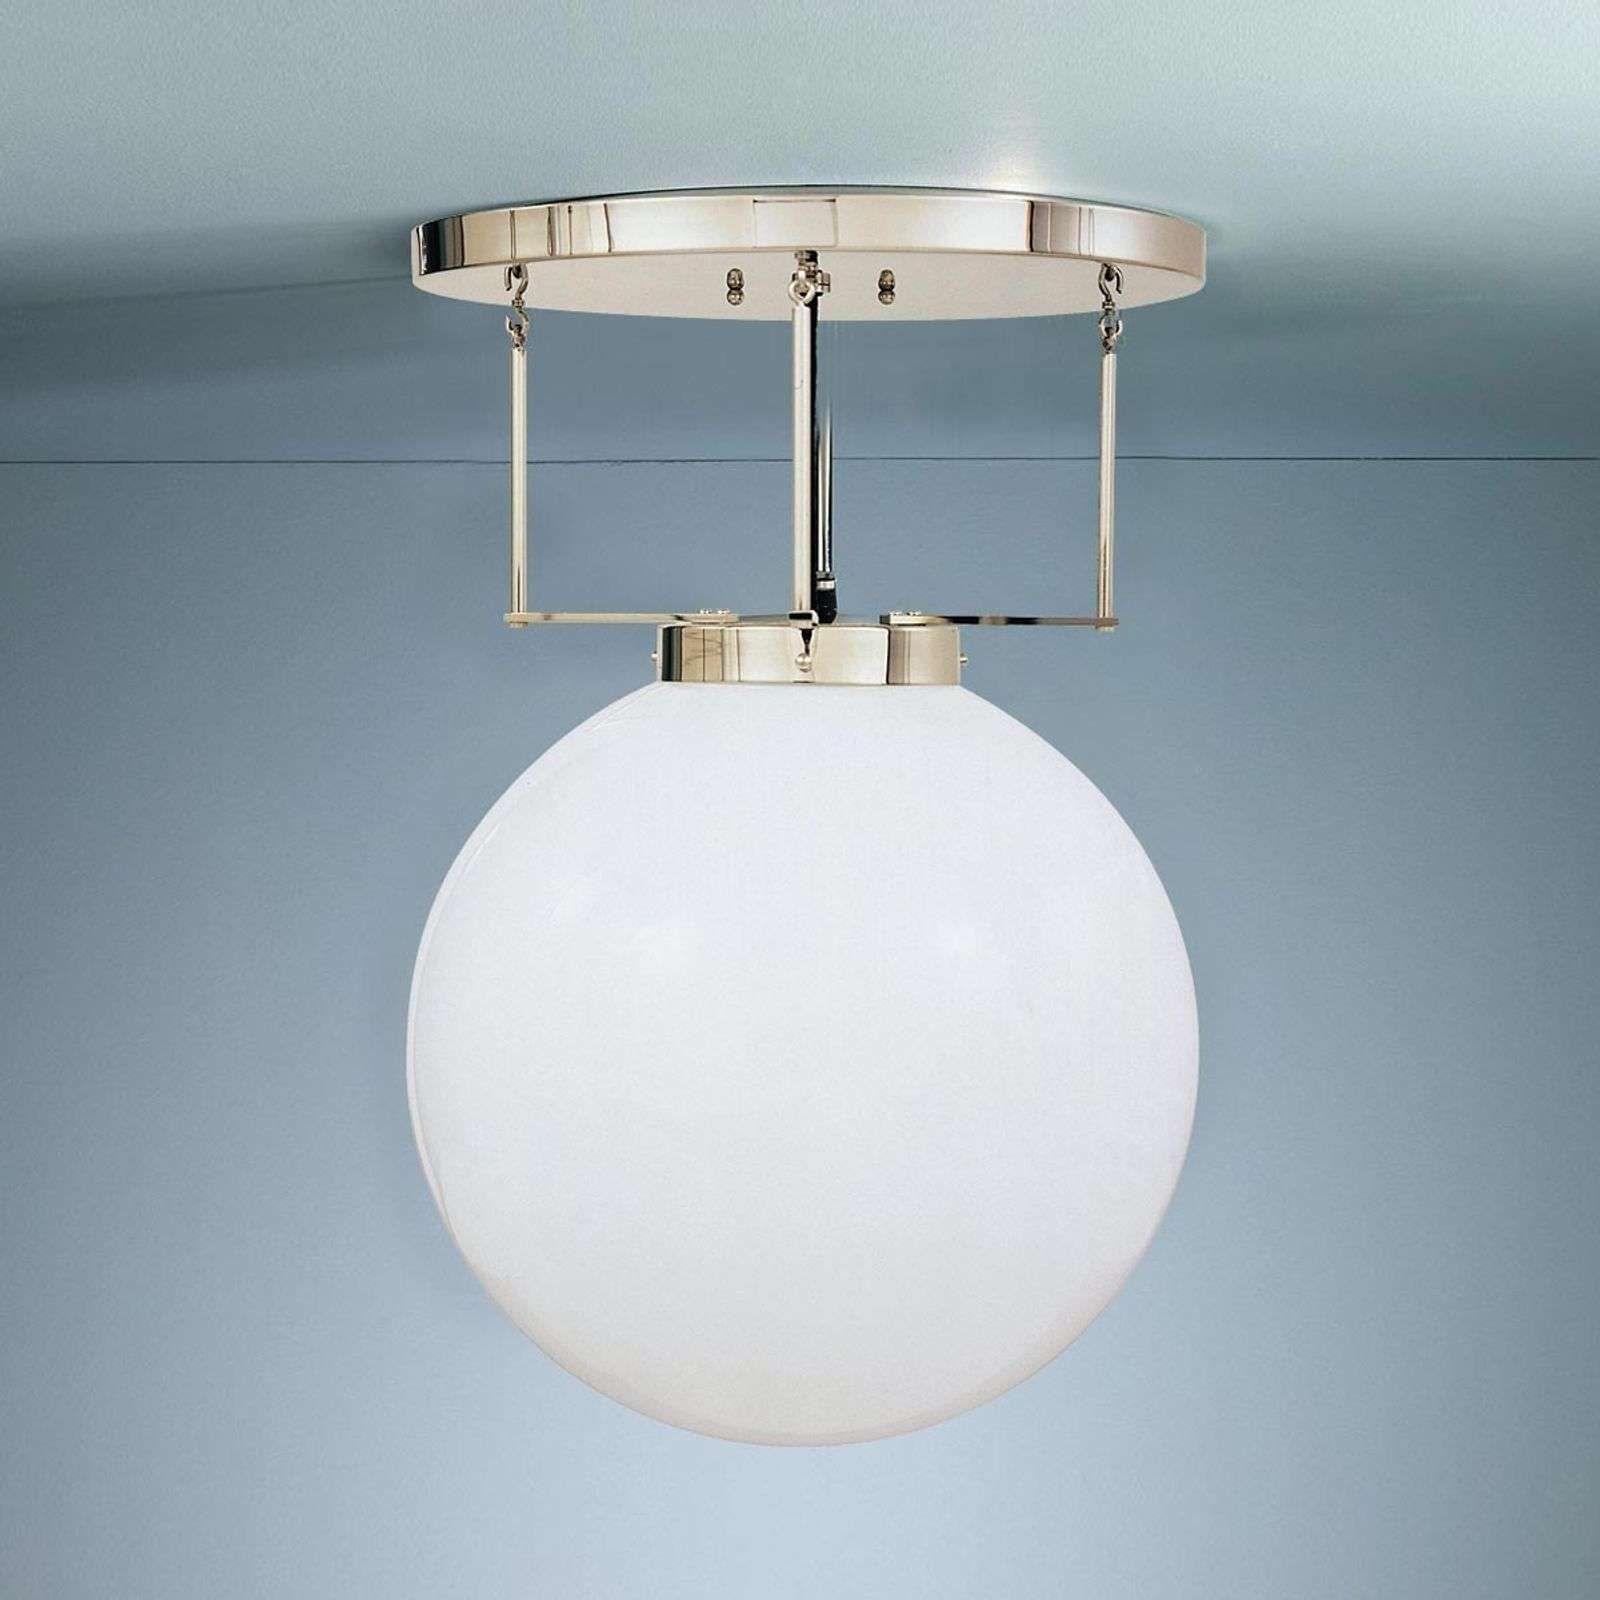 Plafonnier laiton style Bauhaus in 2020   Deckenlampen design, Beleuchtung decke, Deckenleuchten